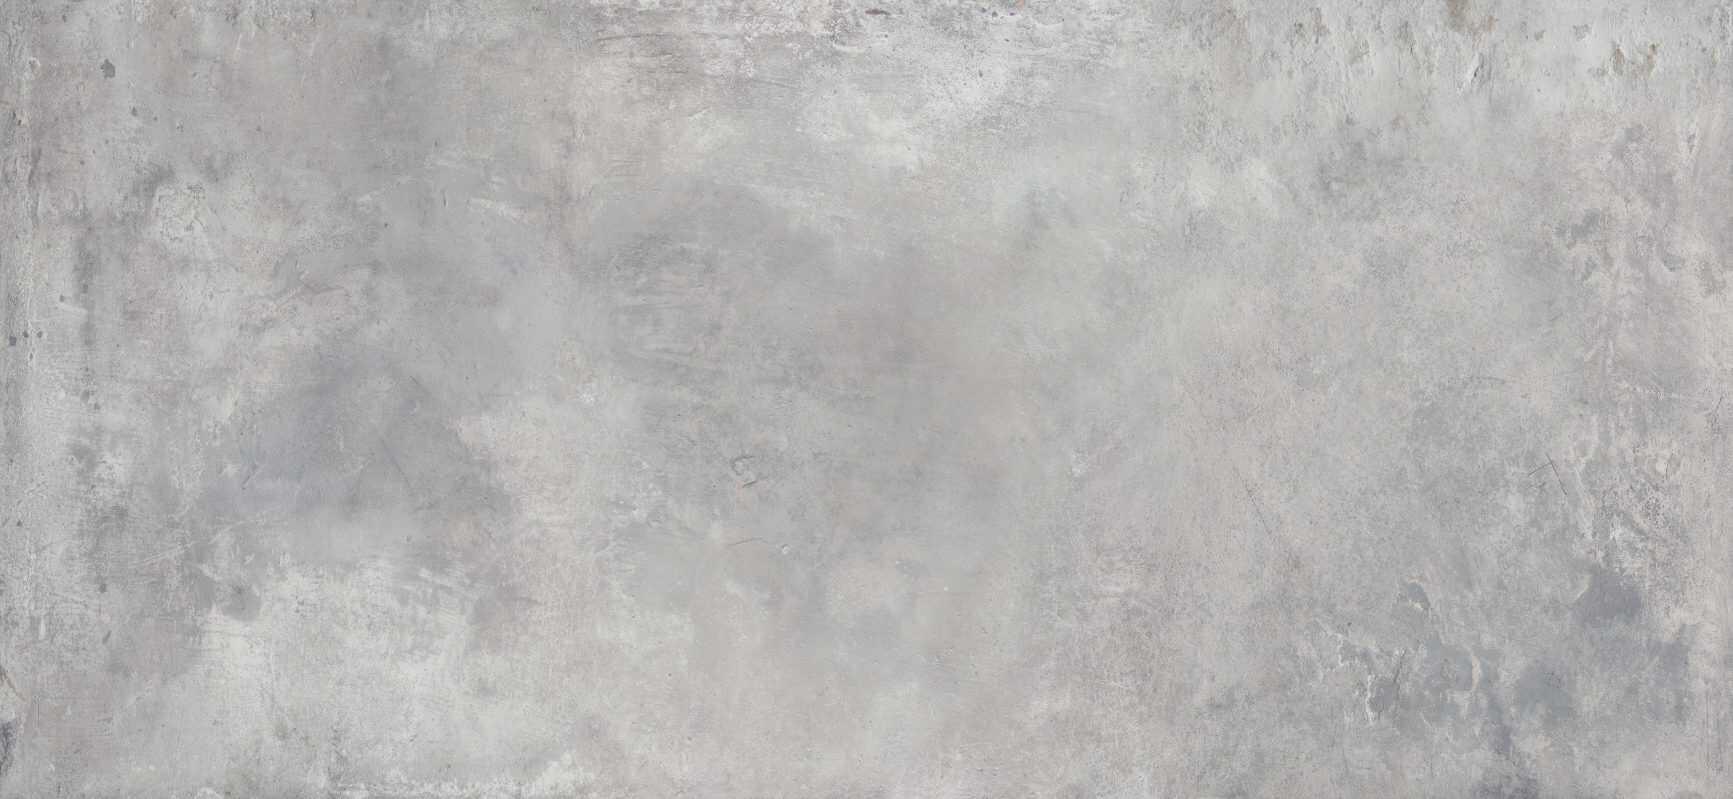 78tm 37 coverlam 120×260 tempo gris 3 rgb